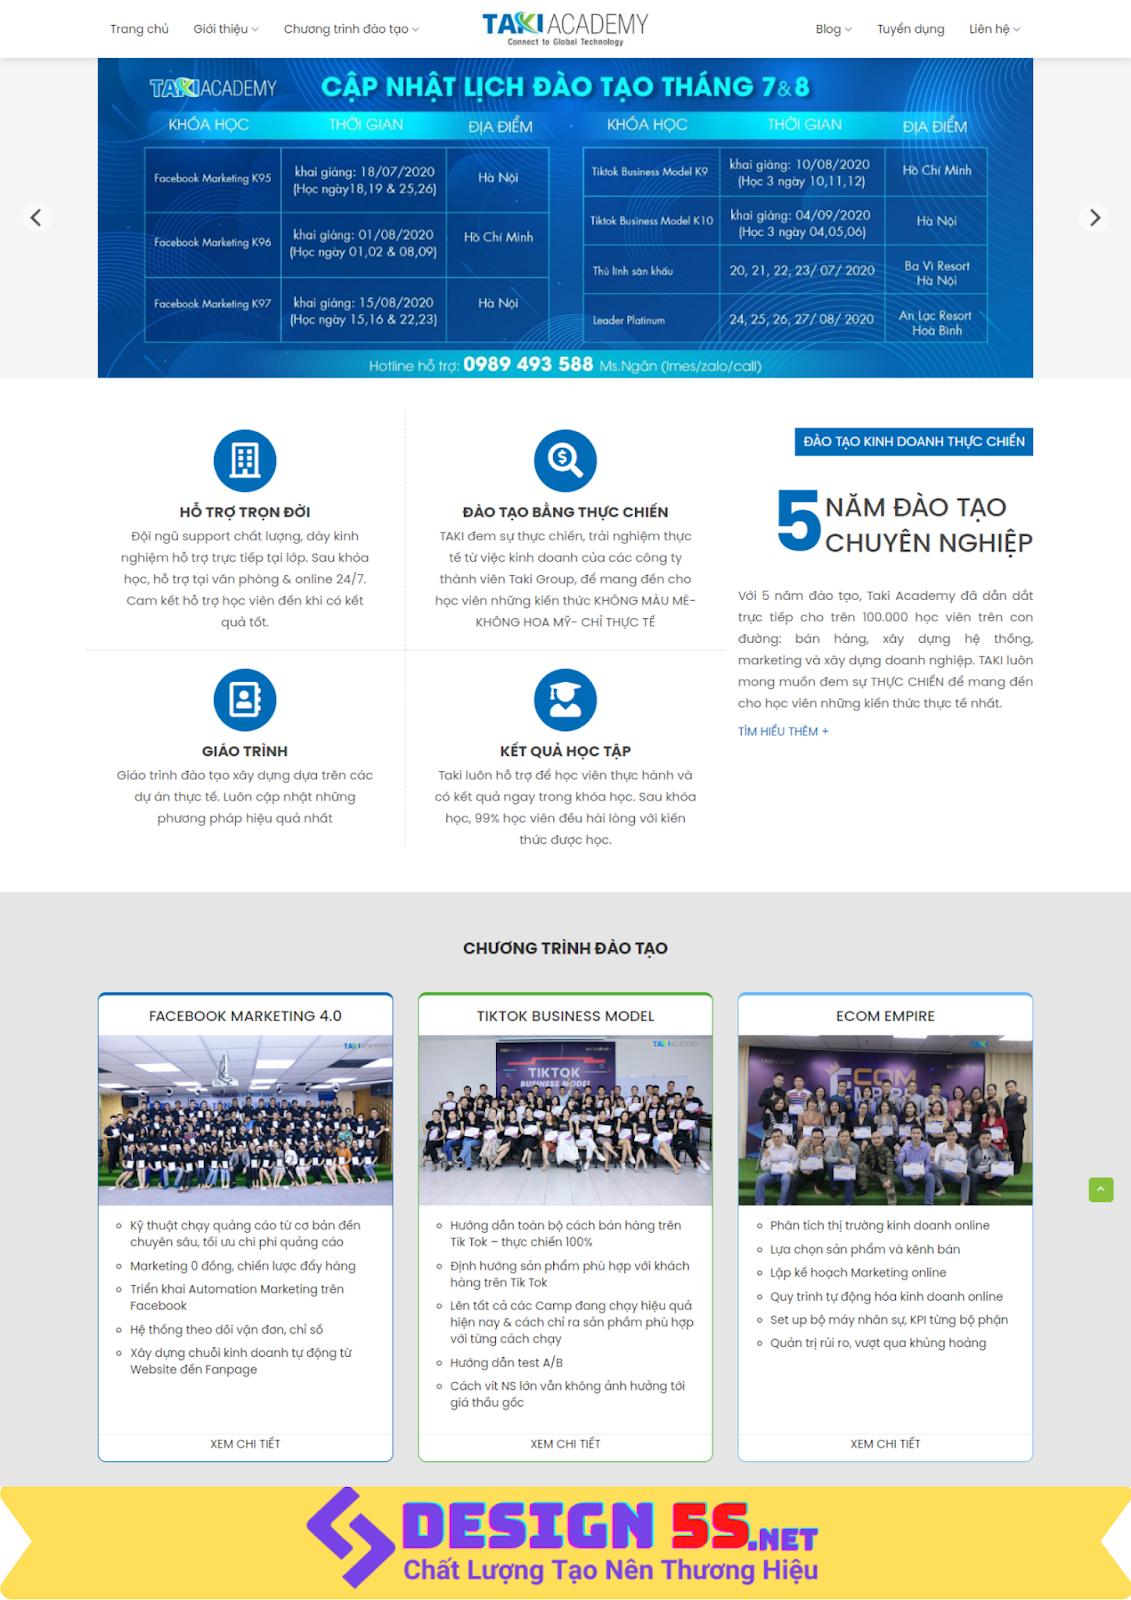 Mẫu website landing page dịch vụ marketing online tổng hợp - Ảnh 1